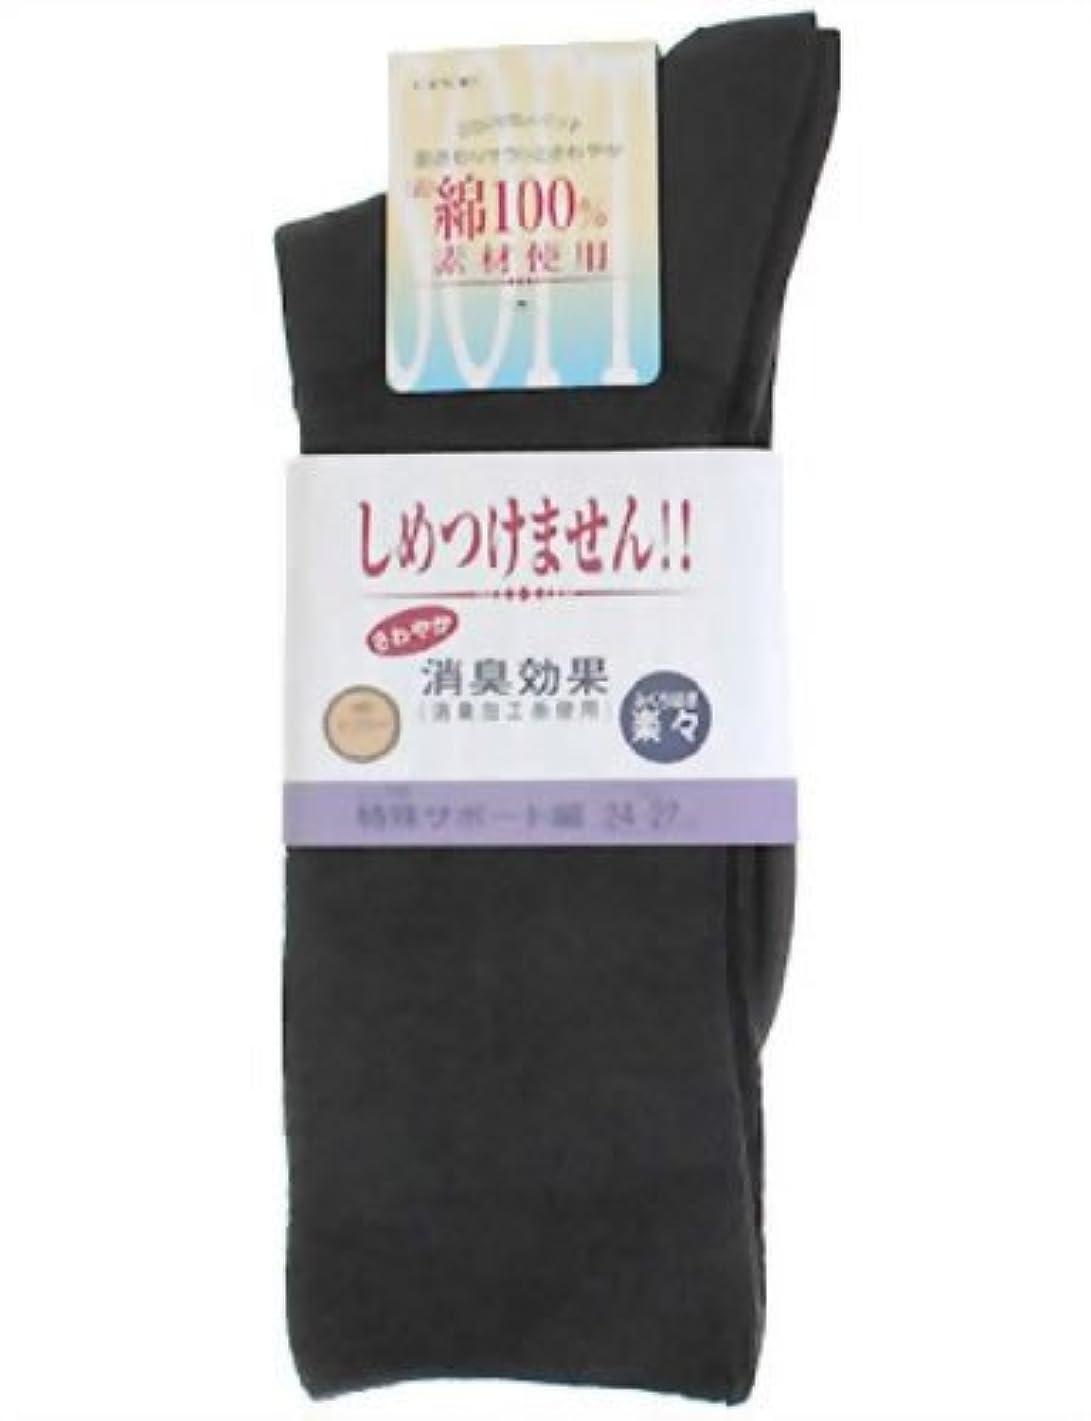 明快ポーター赤外線コベス 紳士用 ふくらはぎ楽らくソックス(綿混) ダークグレー 24-27cm